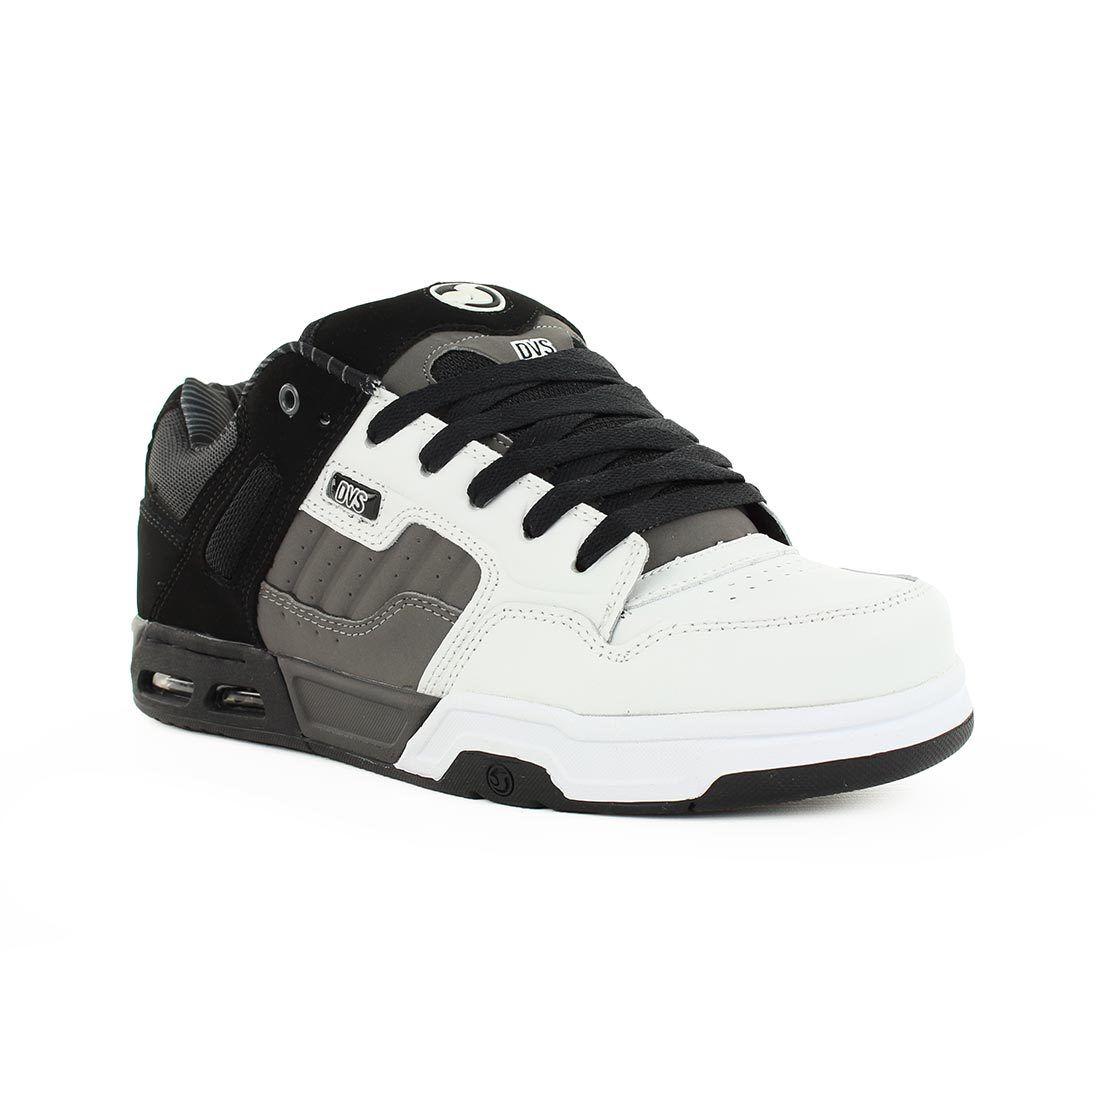 DVS zapatos Enduro Heir-Negro blancoo Carbón